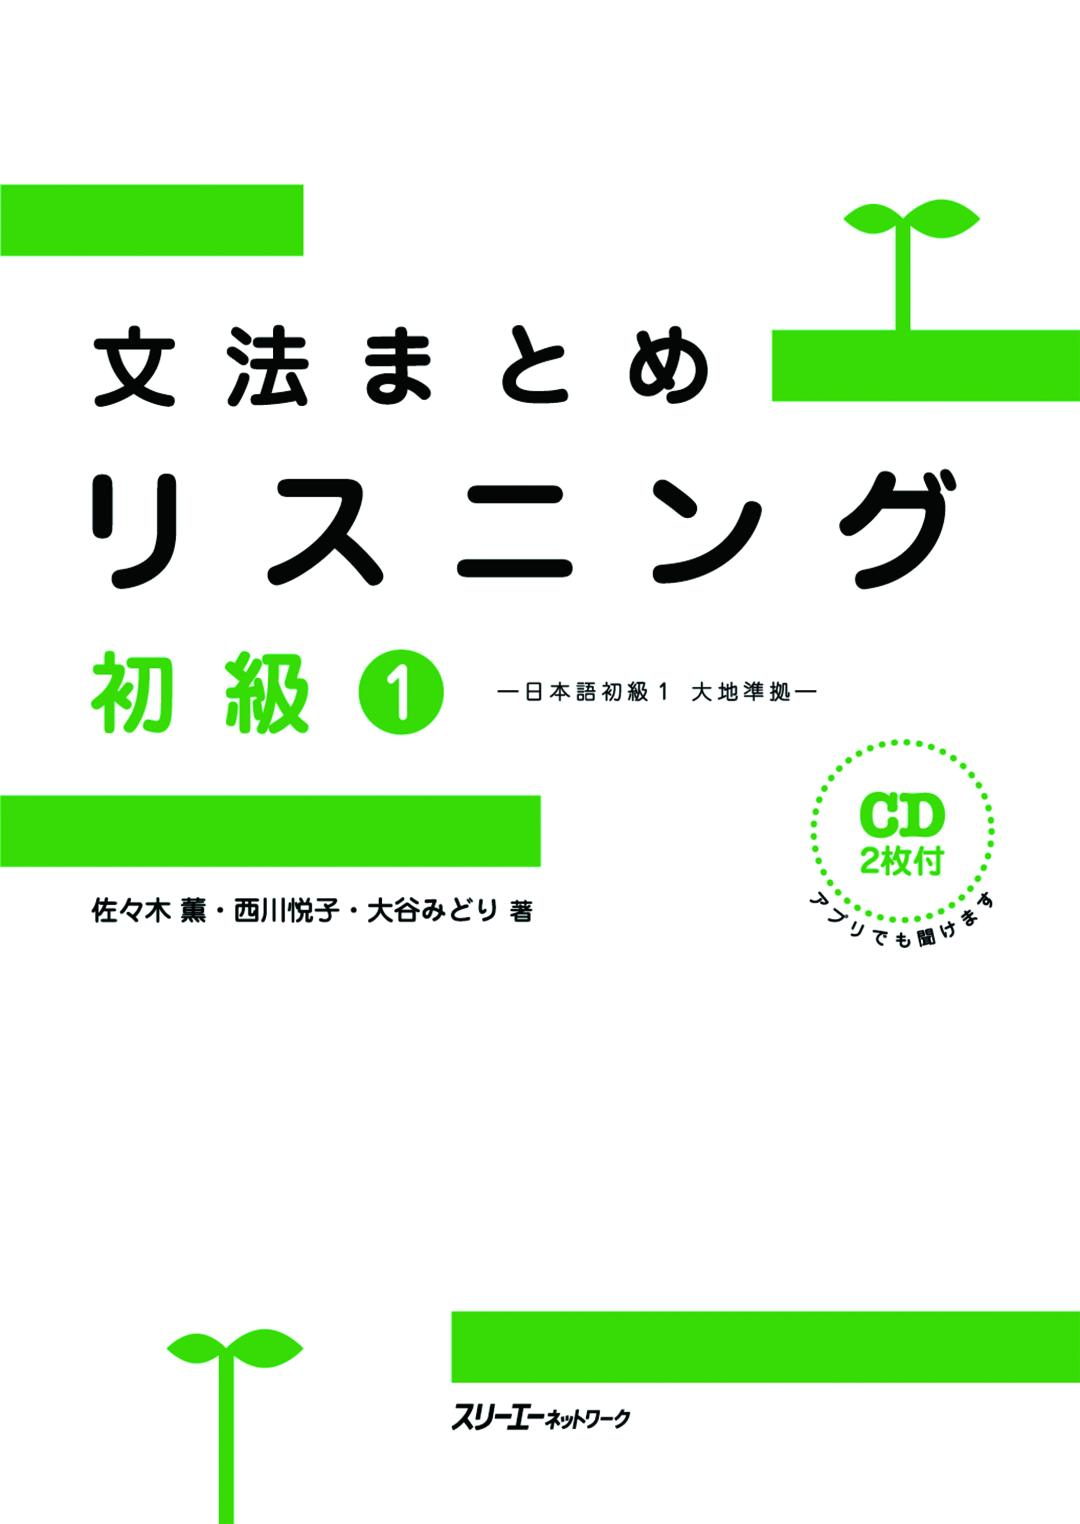 文法まとめリスニング 初級1-日本語初級1 大地準拠-画像